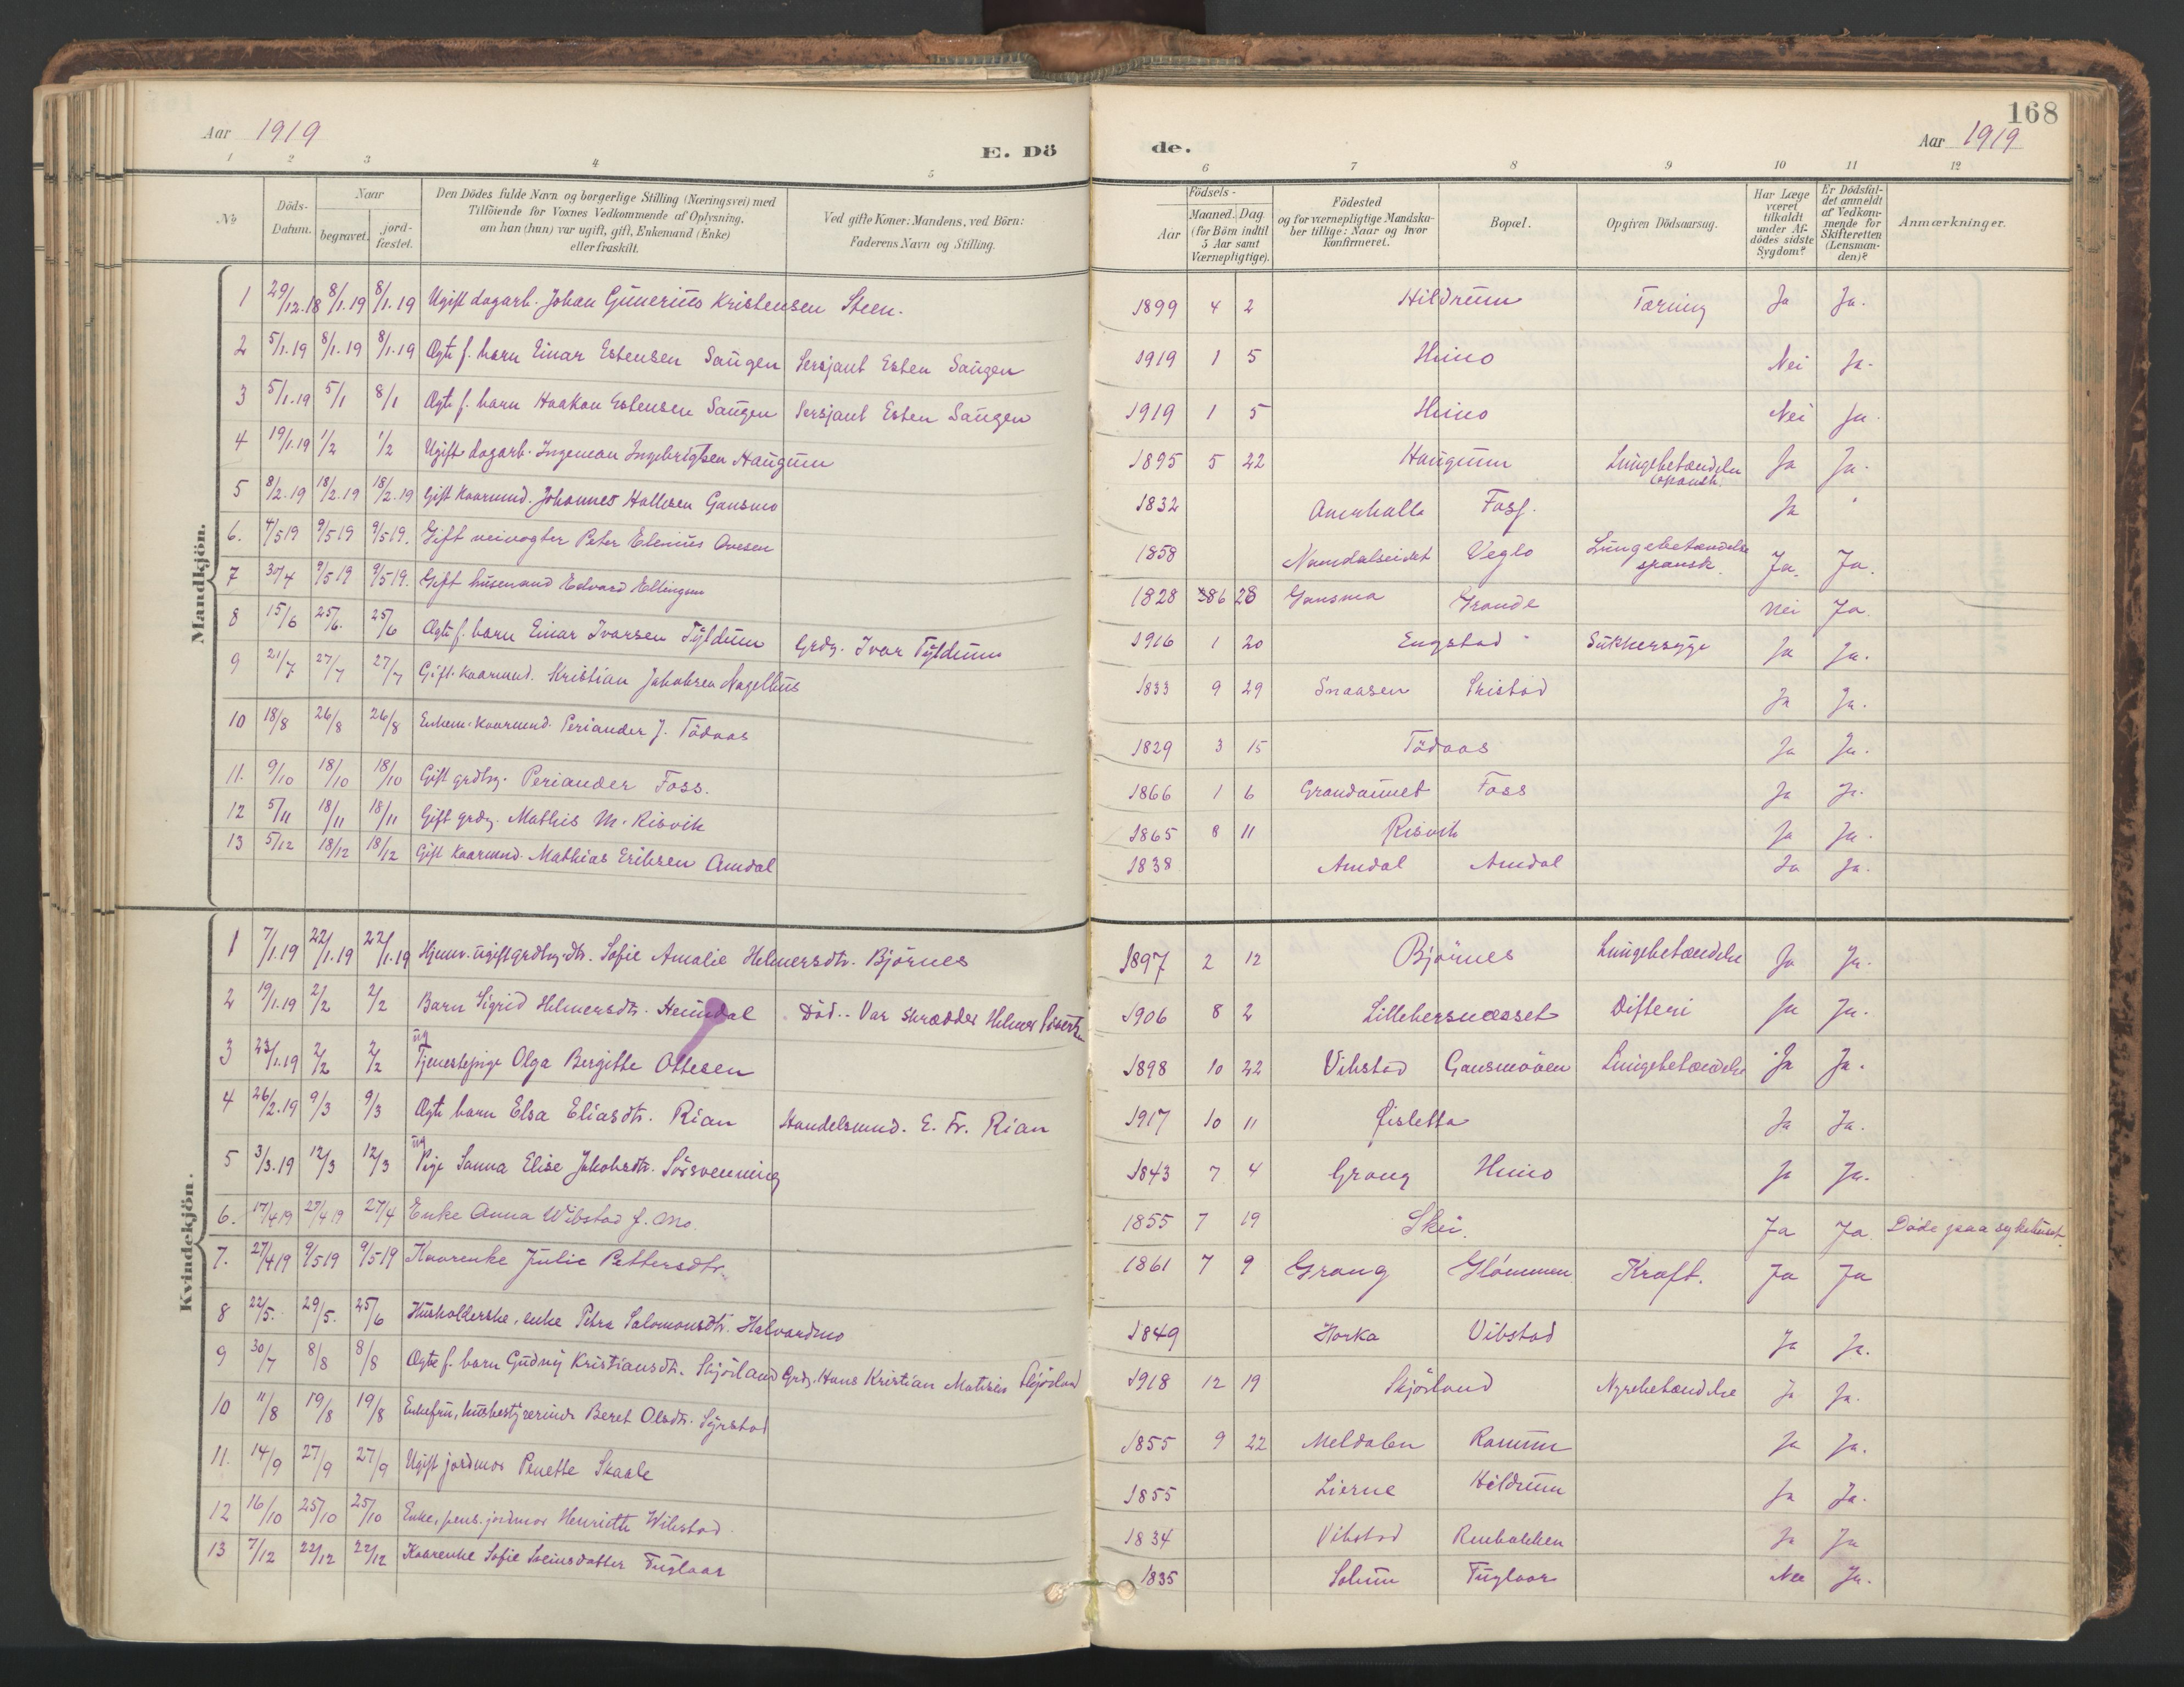 SAT, Ministerialprotokoller, klokkerbøker og fødselsregistre - Nord-Trøndelag, 764/L0556: Ministerialbok nr. 764A11, 1897-1924, s. 168